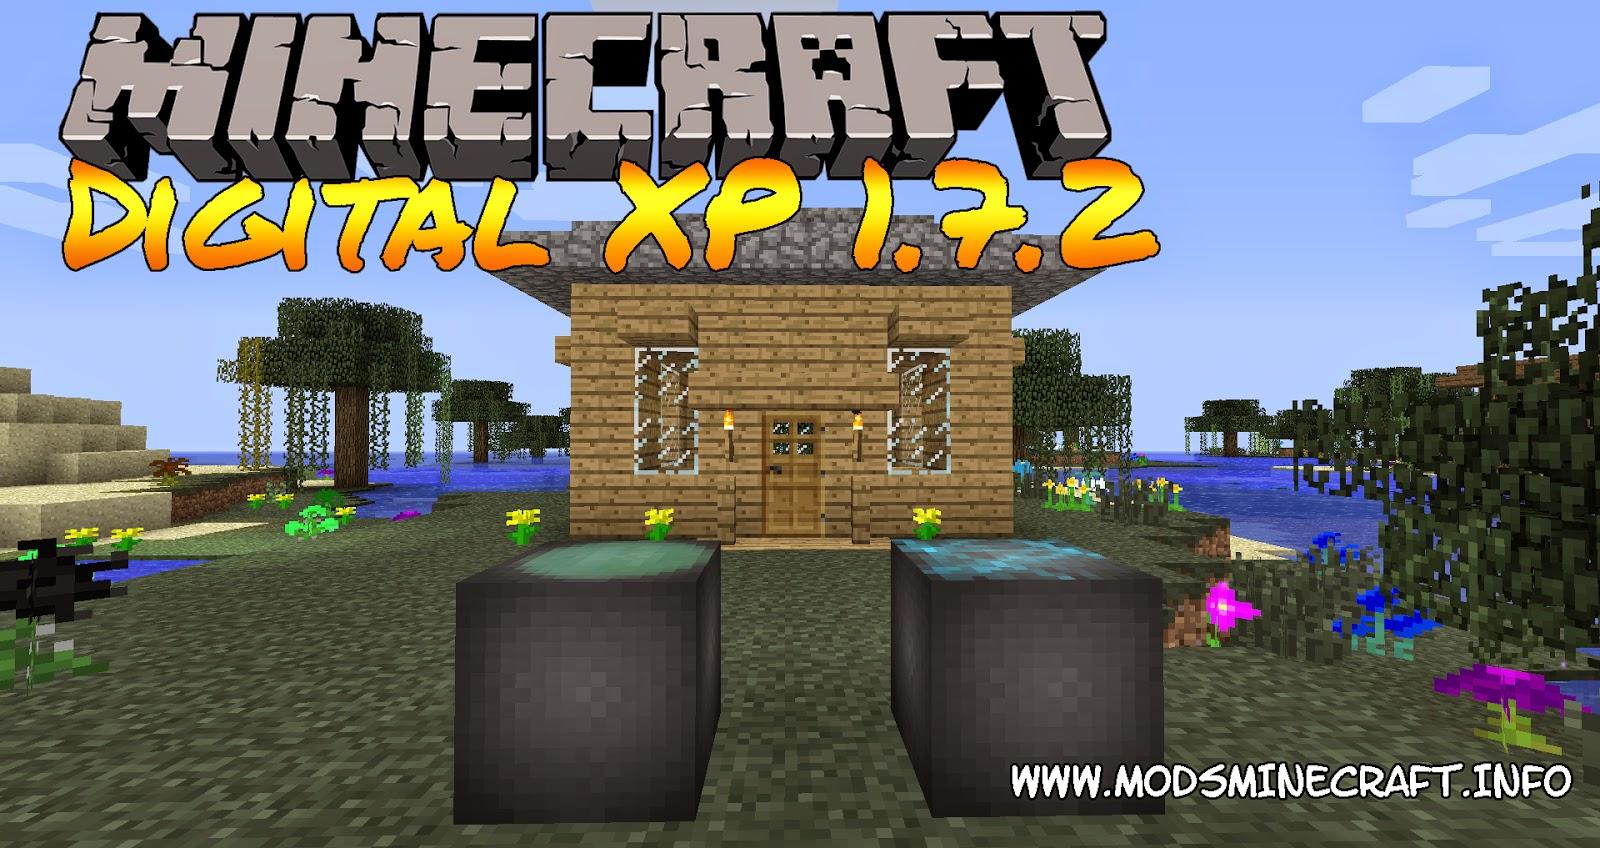 Digital XP Mod para Minecraft 1.710, Digital XP Mod para Minecraft 1.7.2, Digital XP Mod, Digital XP 1.7.2, minecraft Digital XP Mod, minecraft Digital XP 1.7.2, mods minecraft, minecraft mods, mods para minecraft 1.7.2, cómo instalar mods, cómo instalar mods minecraft, minecraft cómo instalar mods, minecraft mod para experiencia, mod para guardar experiencia, minecraft mod para guardar xp